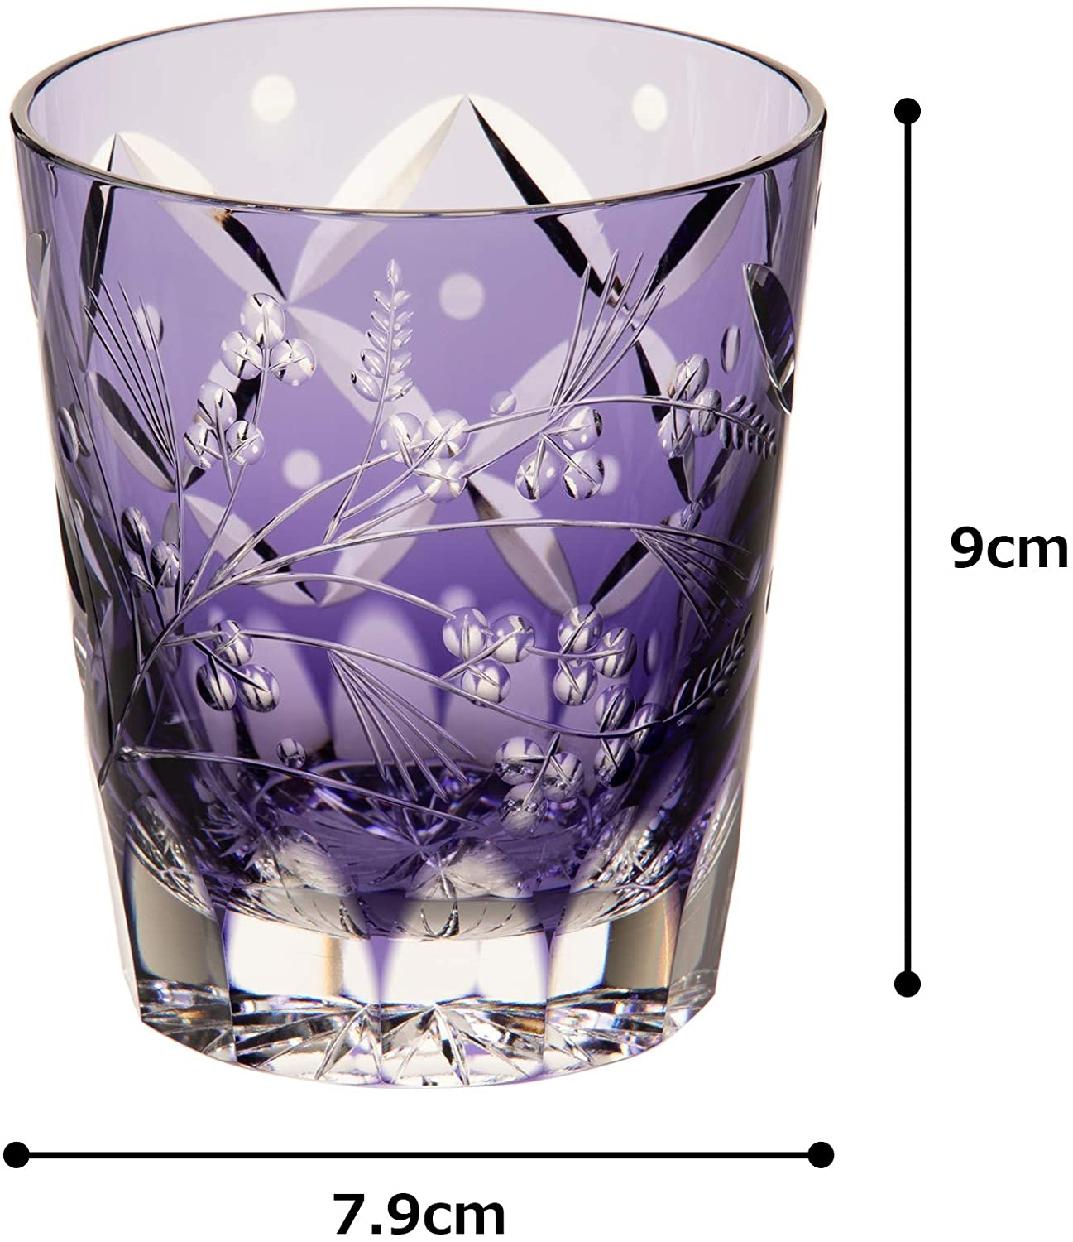 江戸切子(えどきりこ)焼酎ロックグラス<萩とススキ> 230cc T557-2650CMPの商品画像6